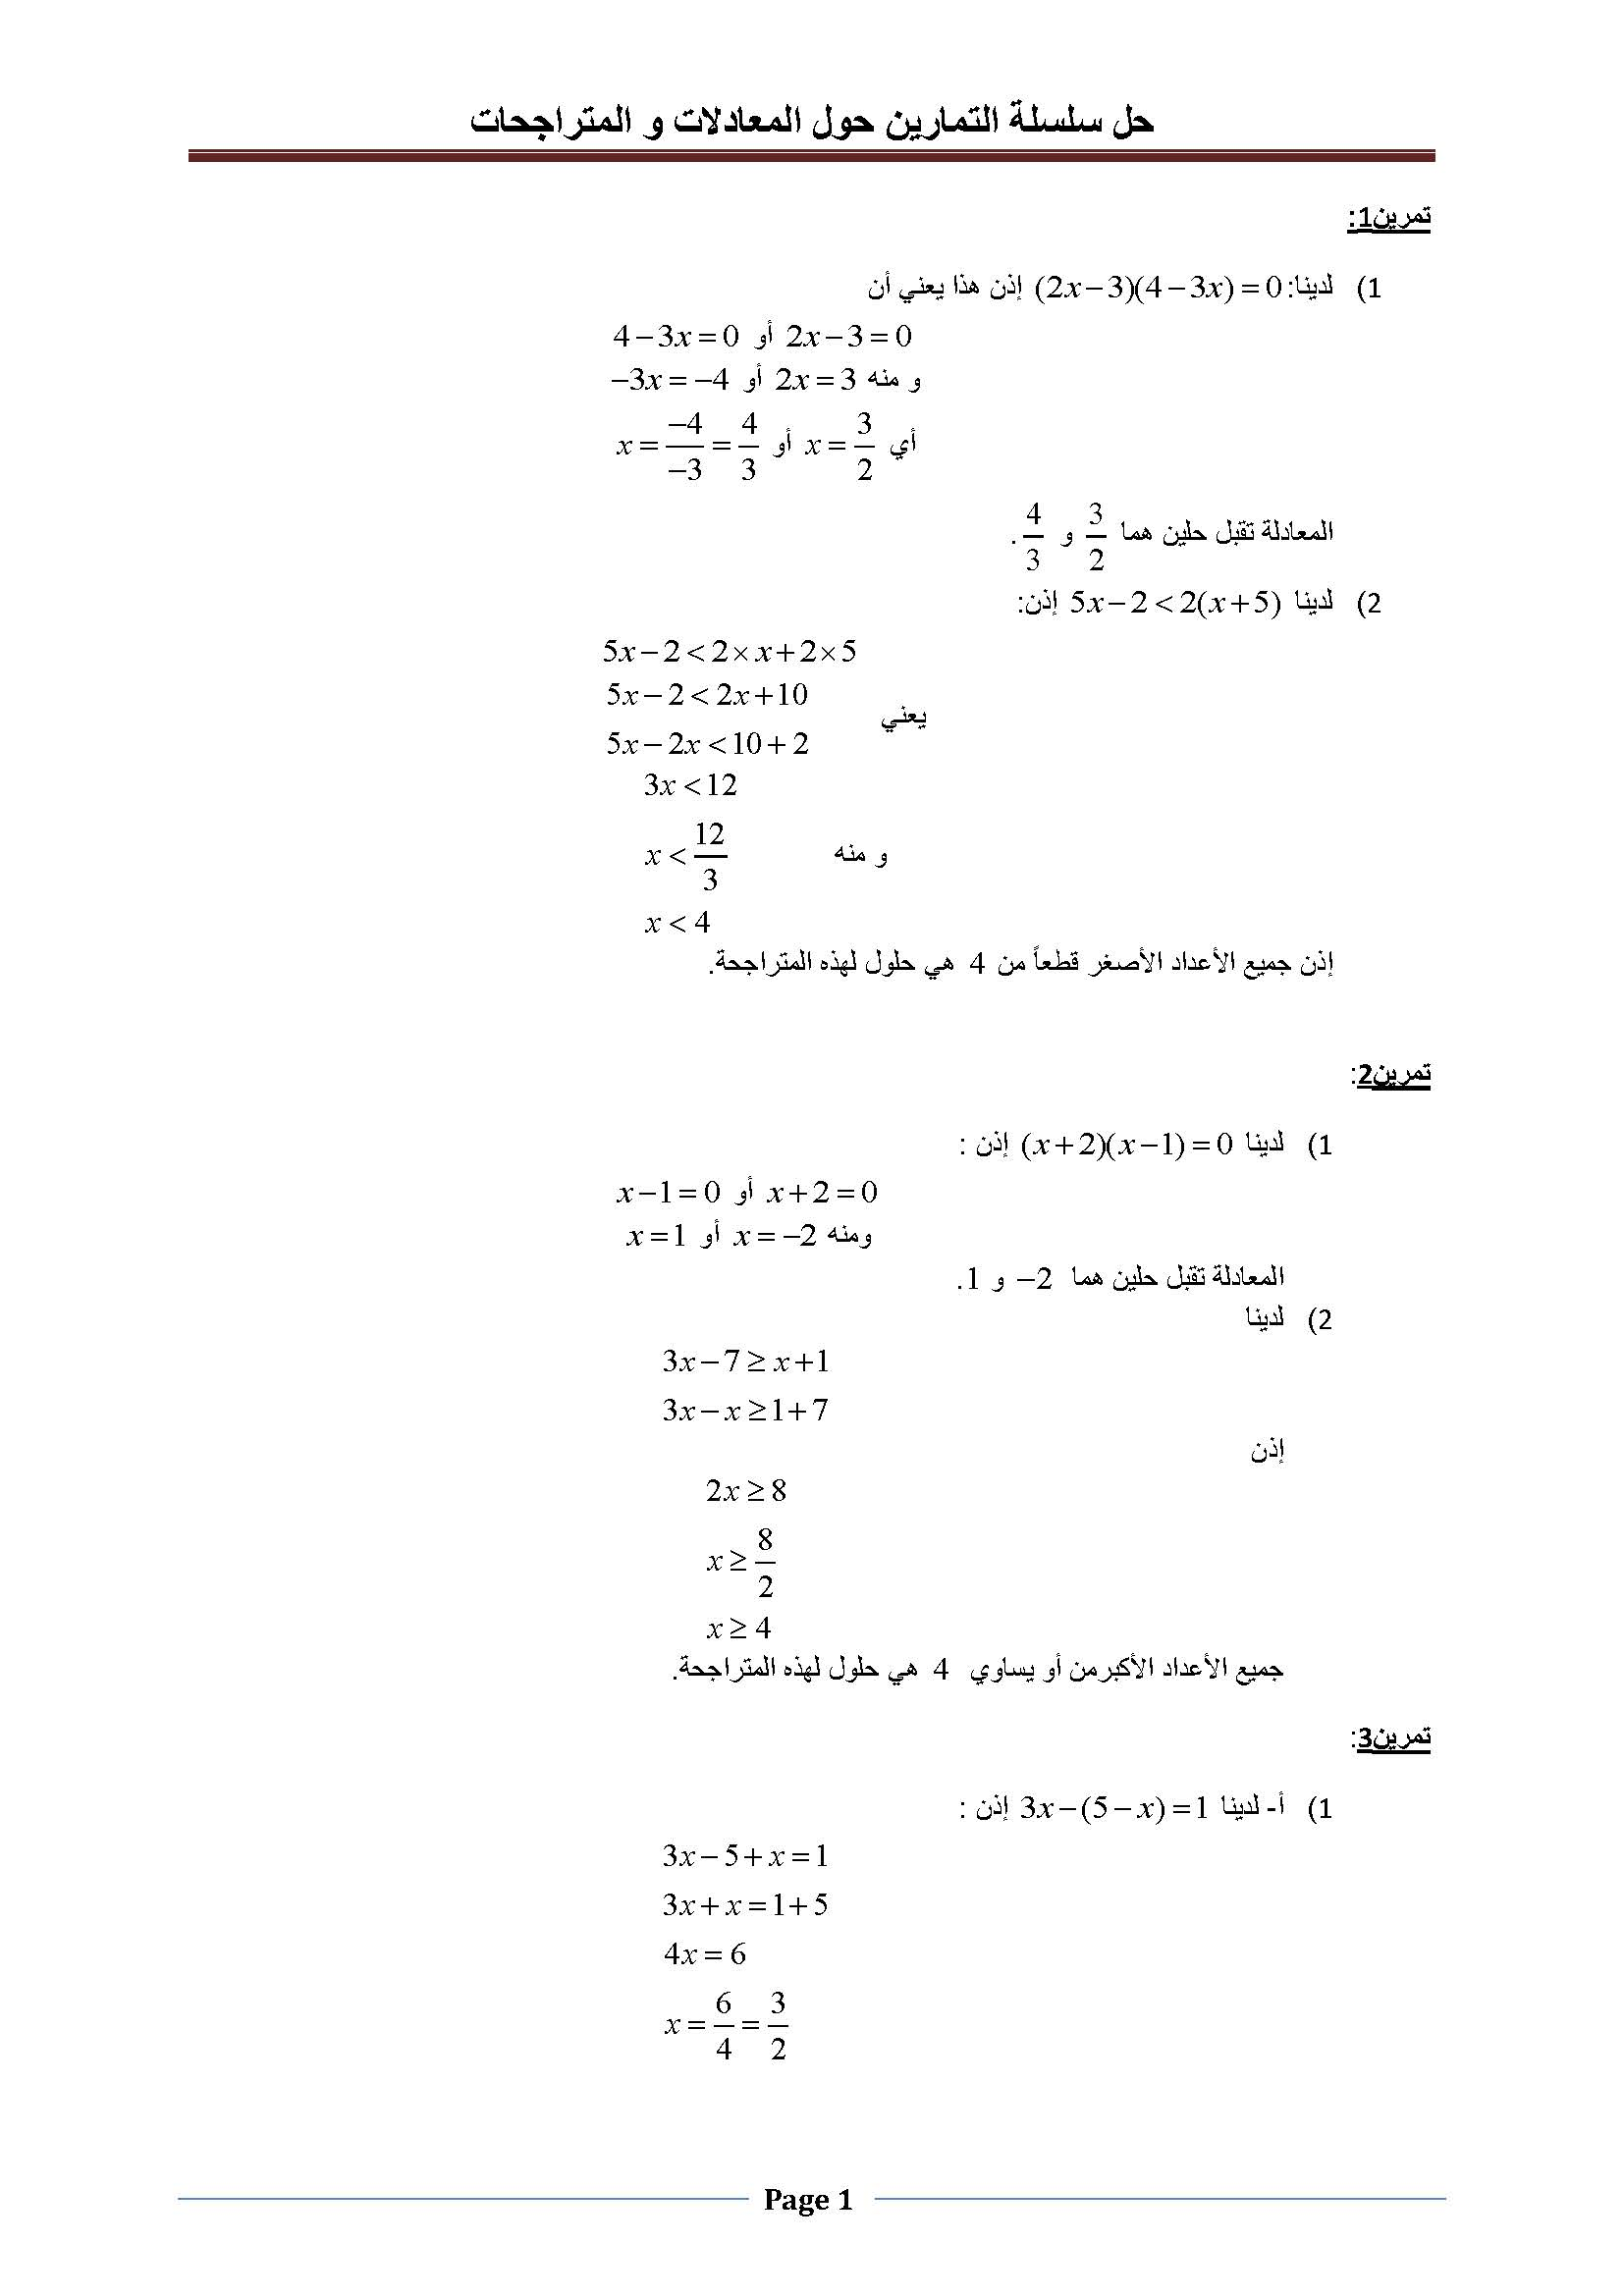 تمارين و حلول : المعادلات و المتراجحات | الثالثة إعدادي